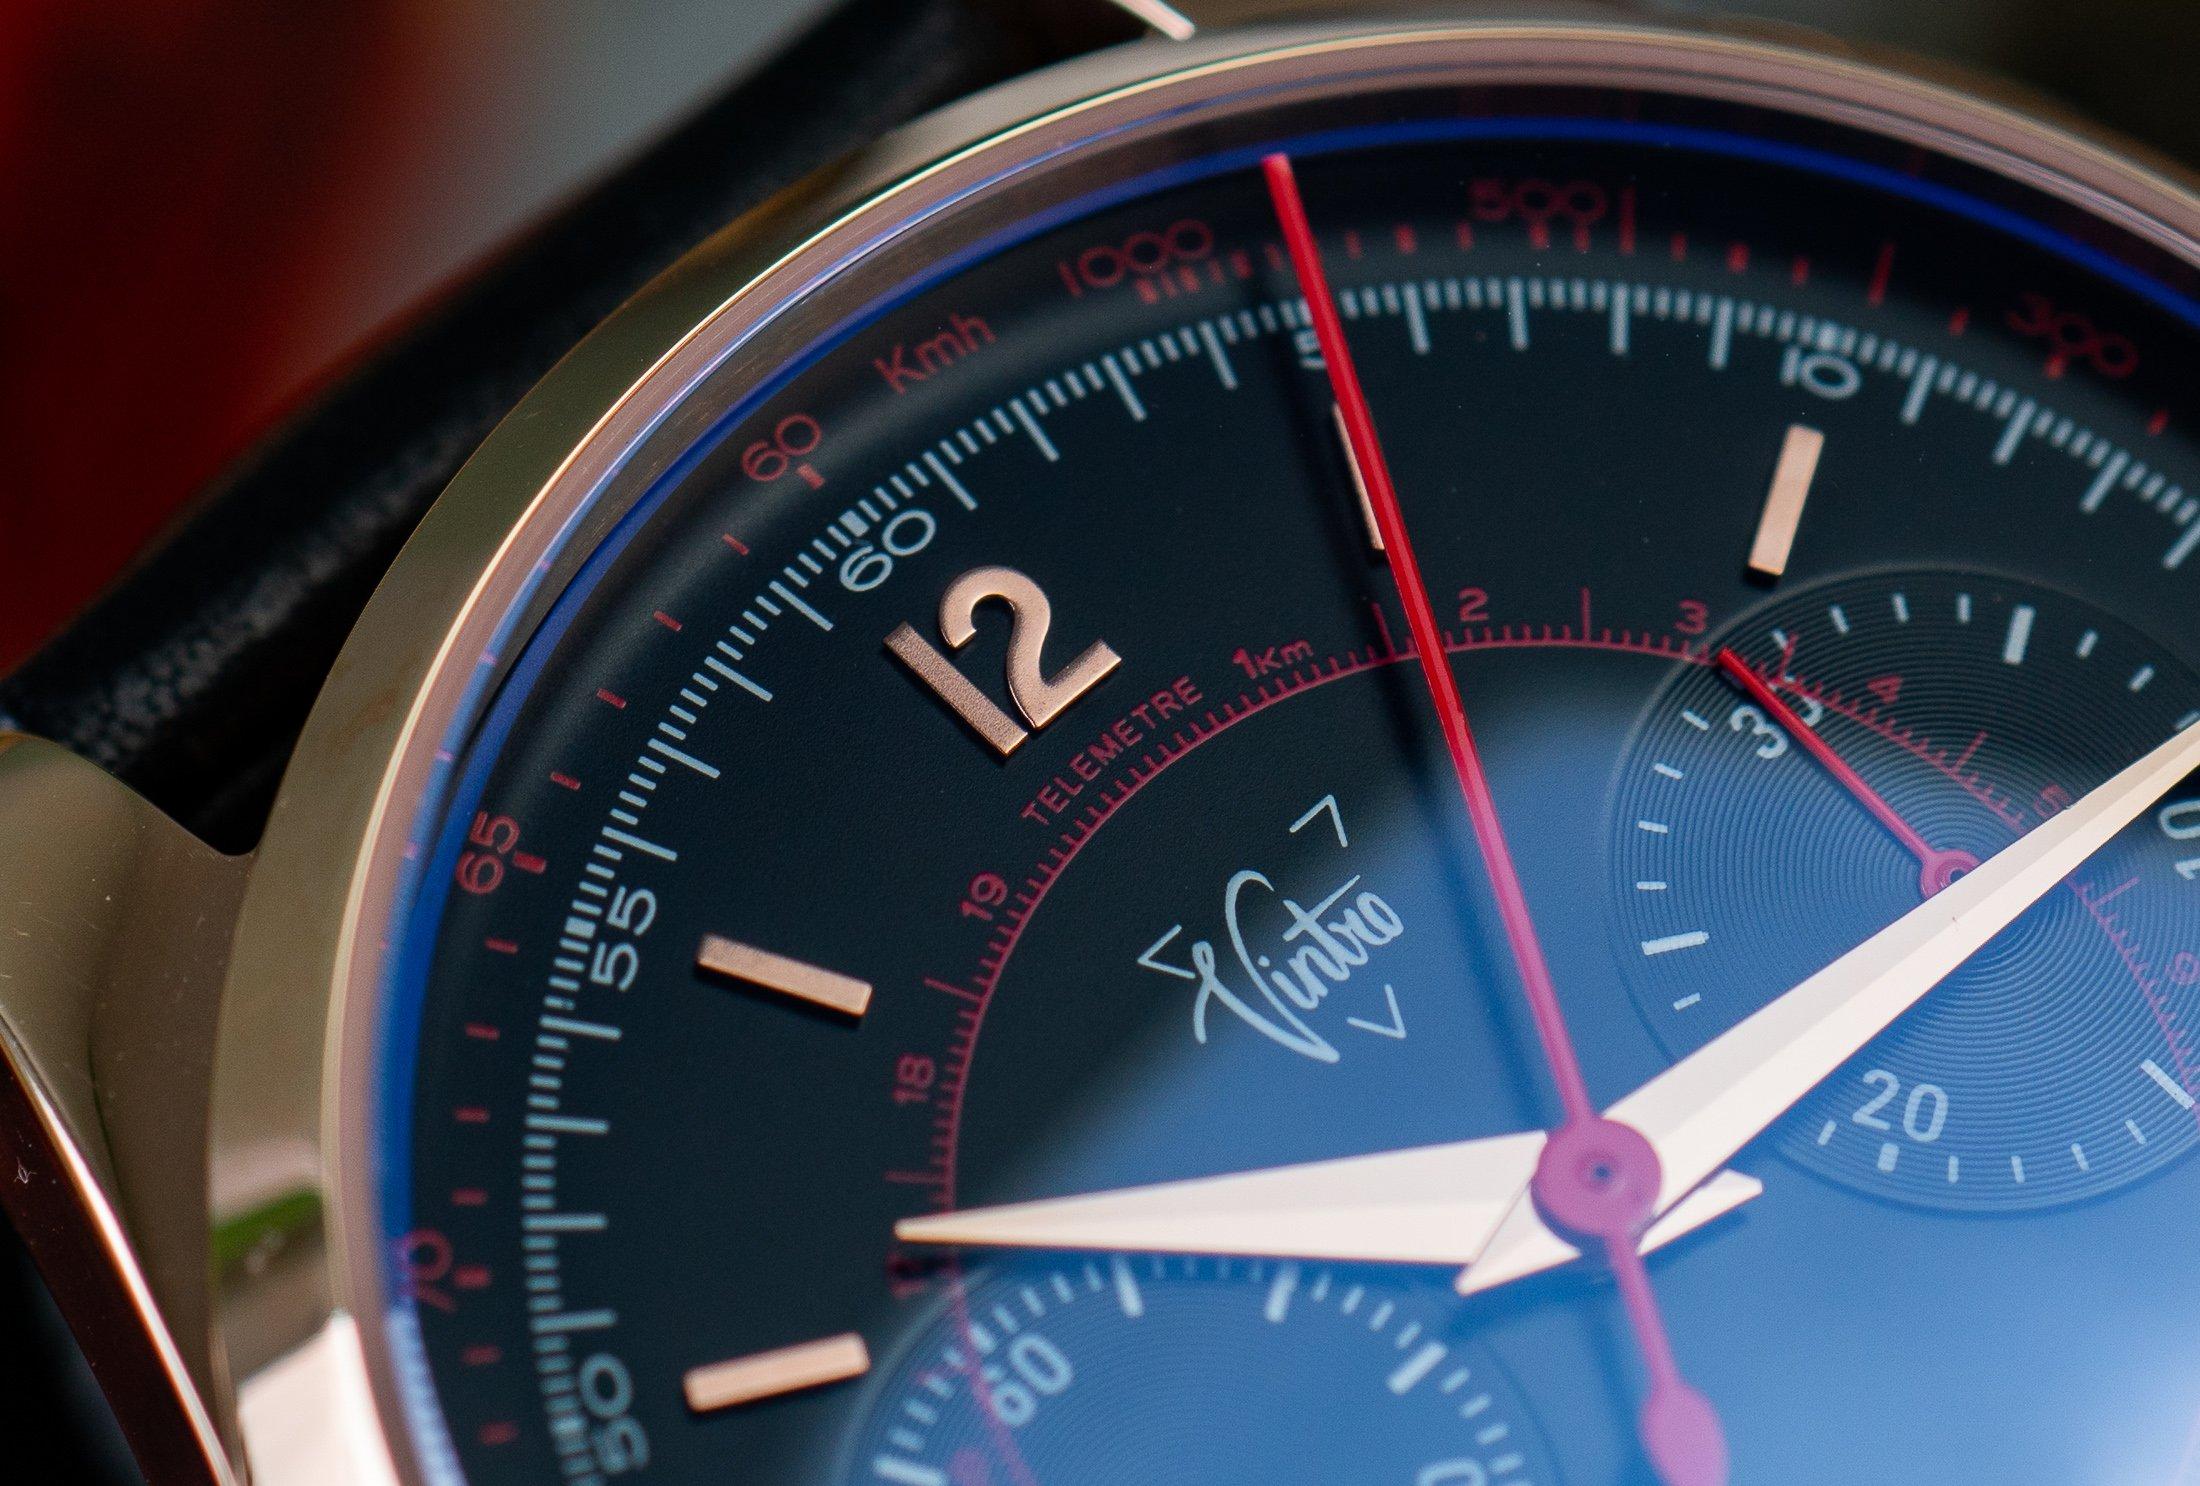 Vintro-Le-Mans-1952-Gold-Automatik-Chronograph-Herrenuhr